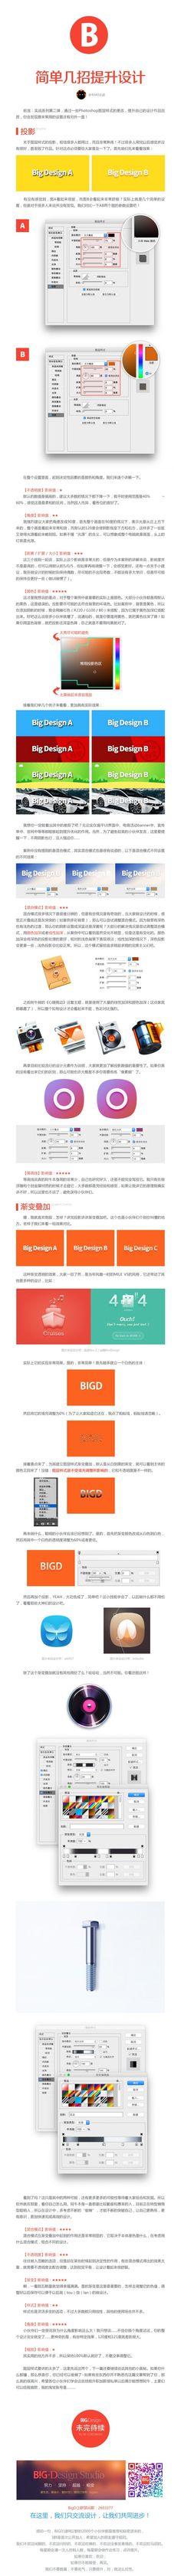 专业定制淘宝店铺装修、画册海报,网页设计...